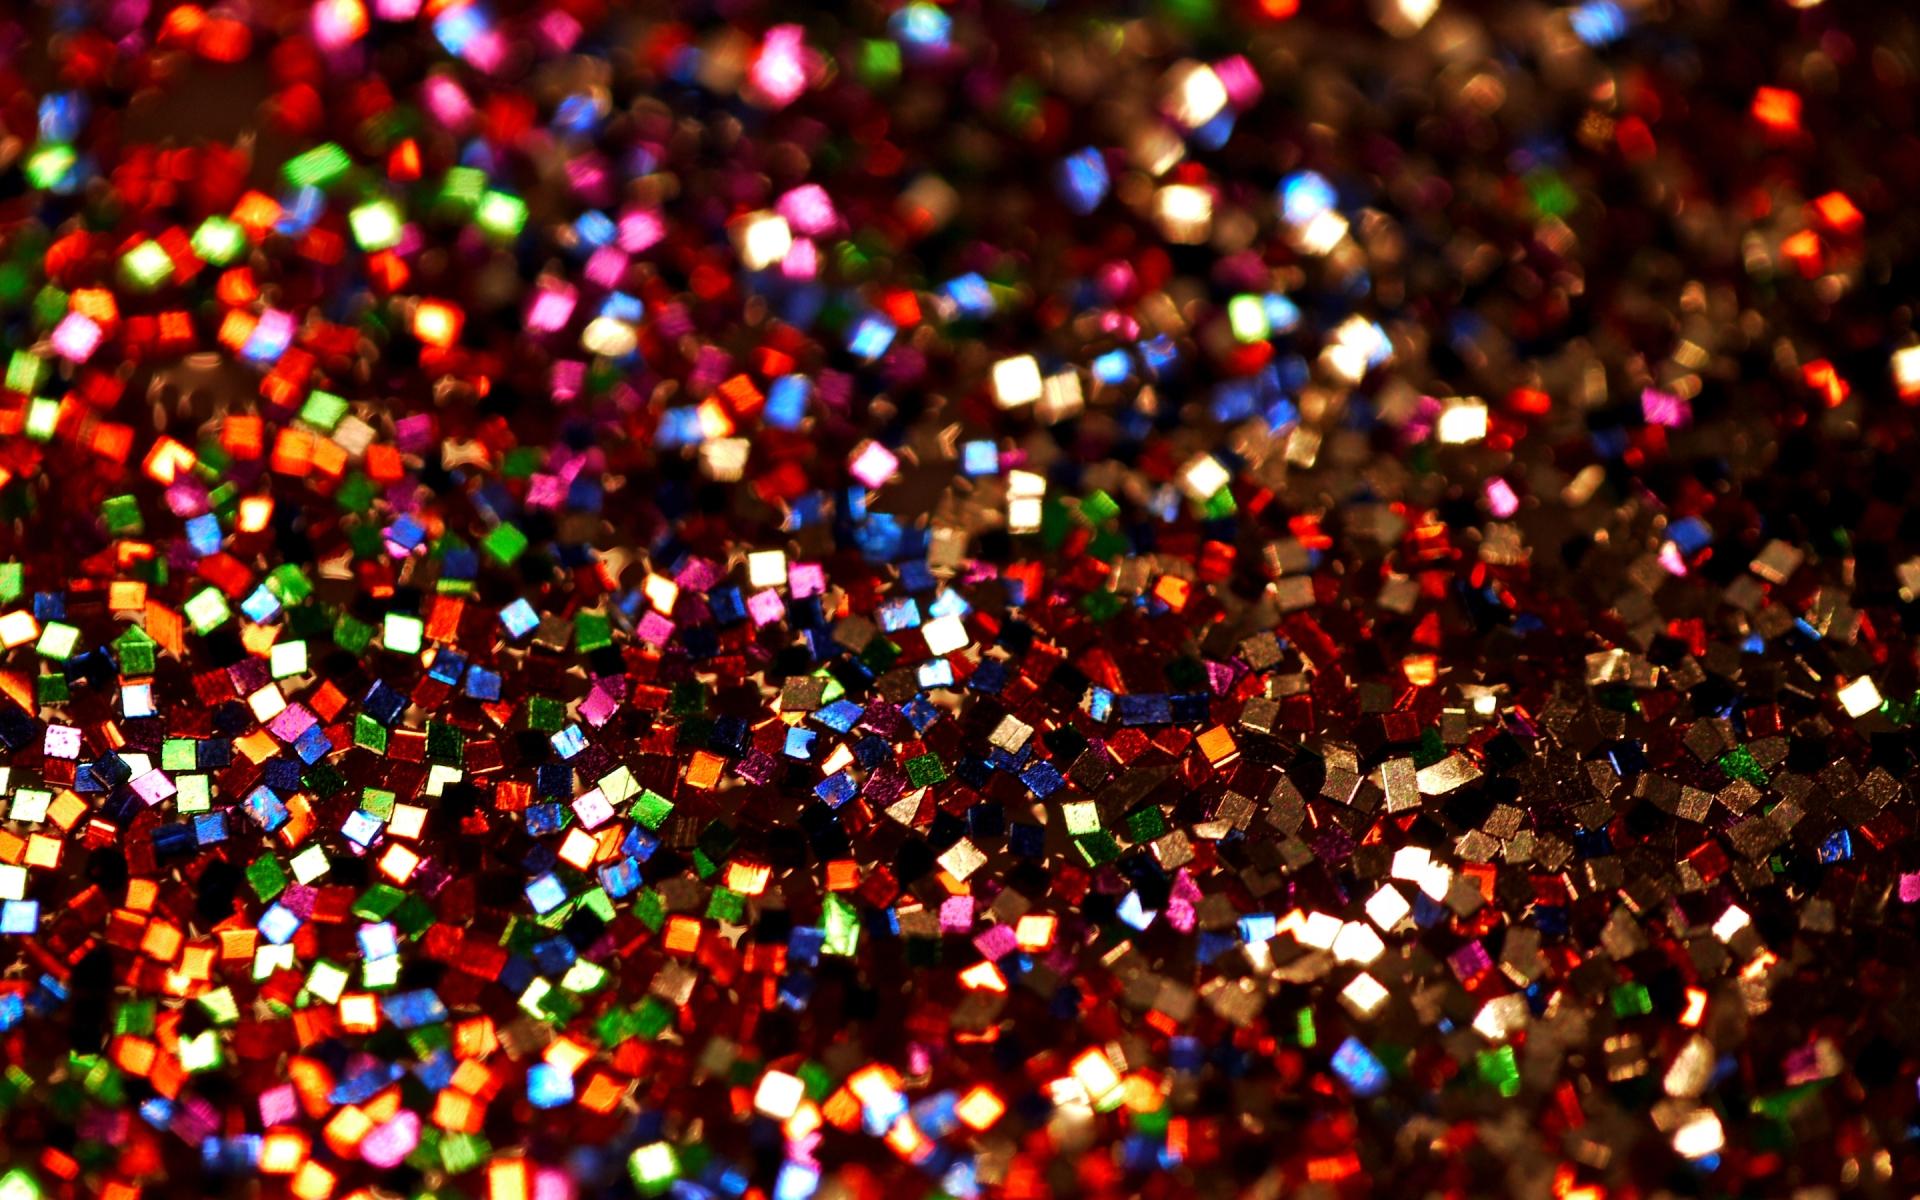 Sparkle Desktop Backgrounds images 1920x1200